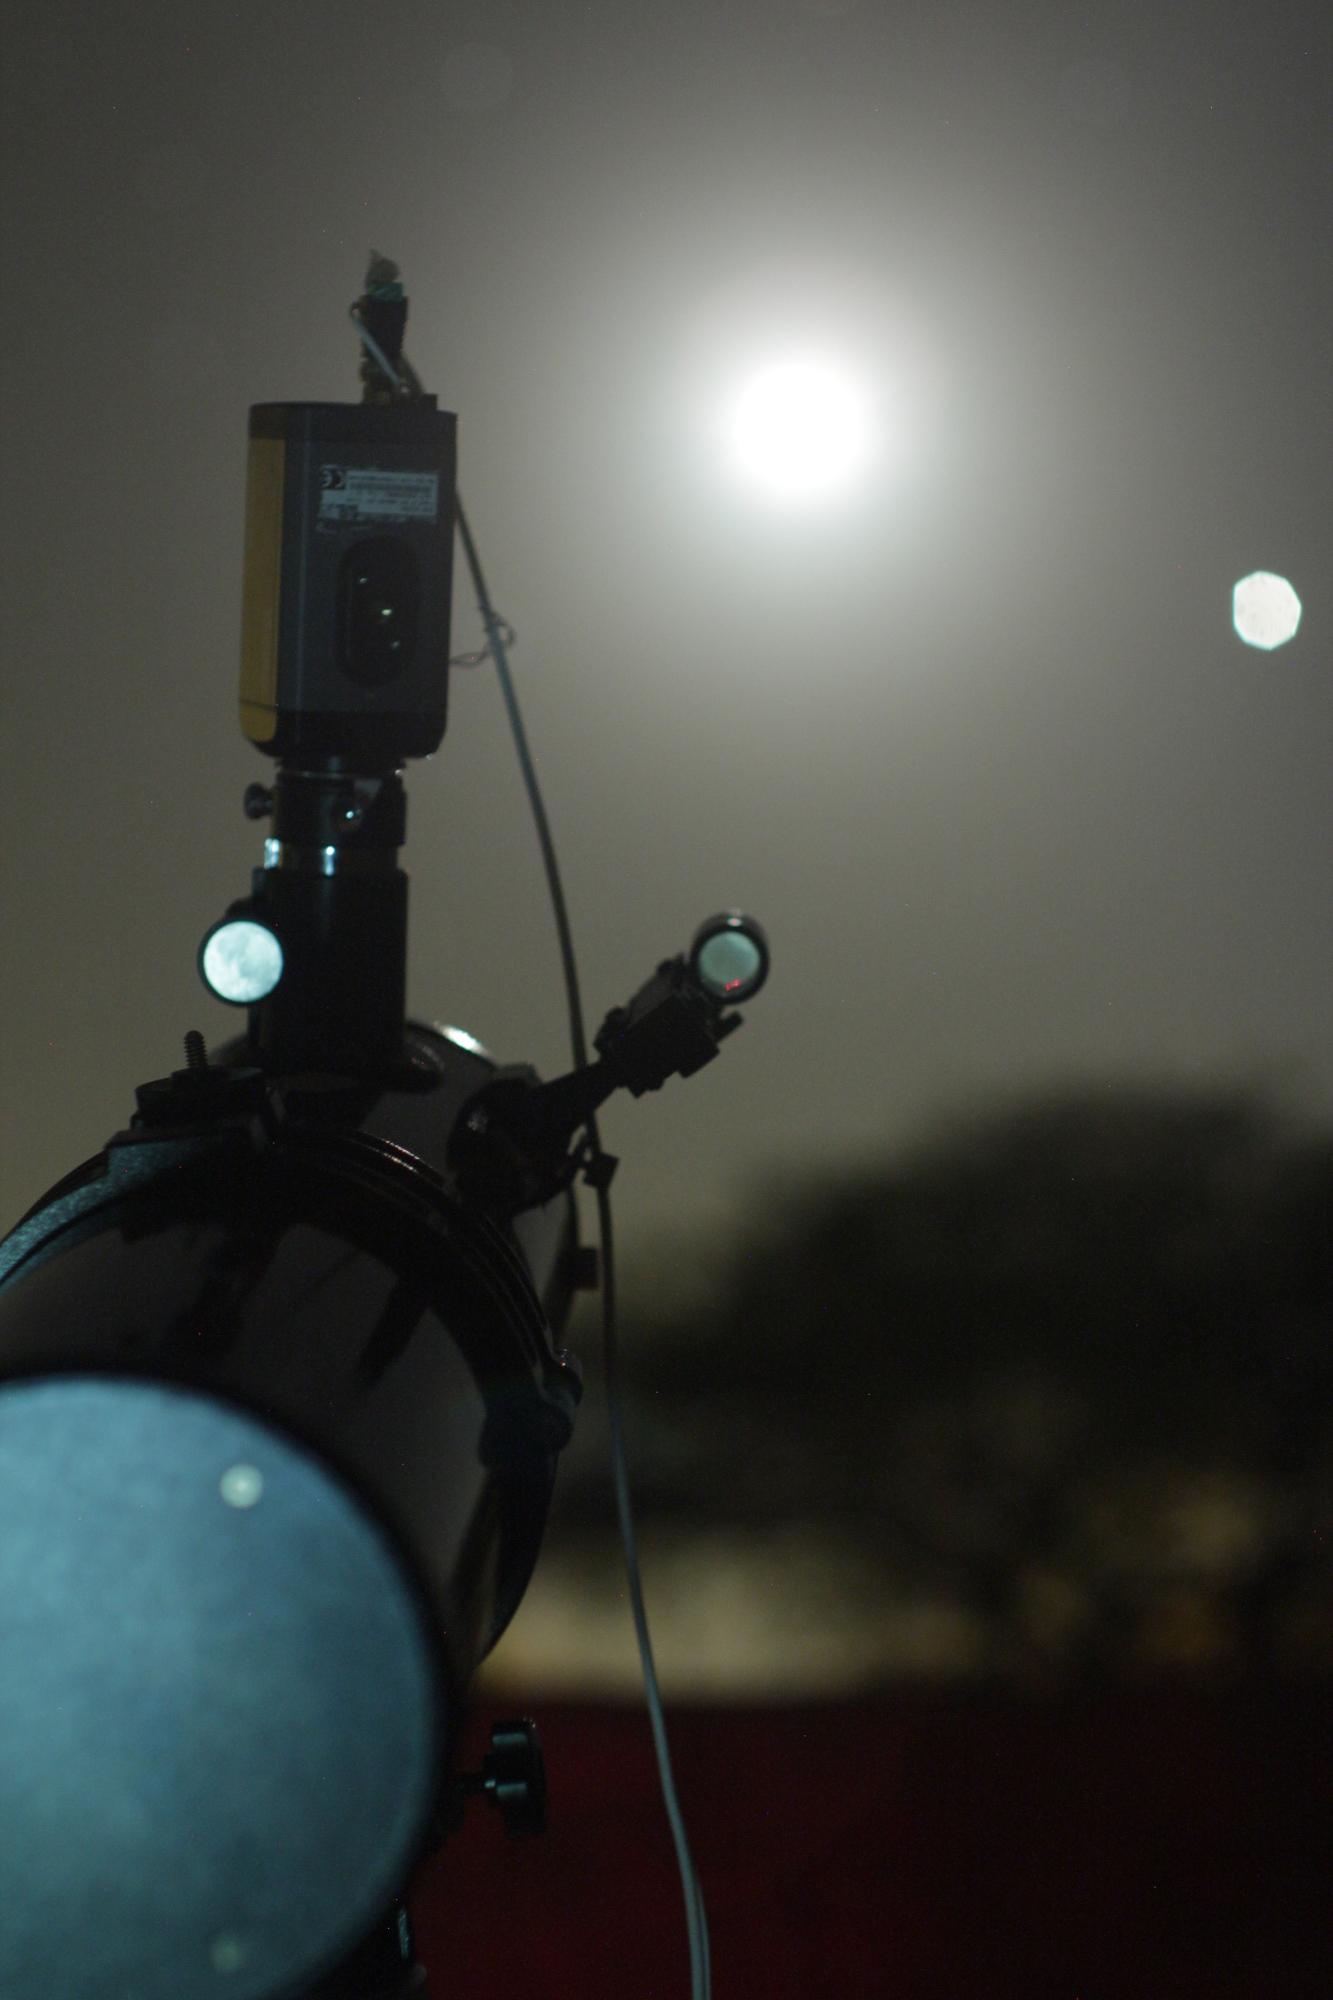 astronomos-da-pb-registram-meteoro-atingindo-lua-assista